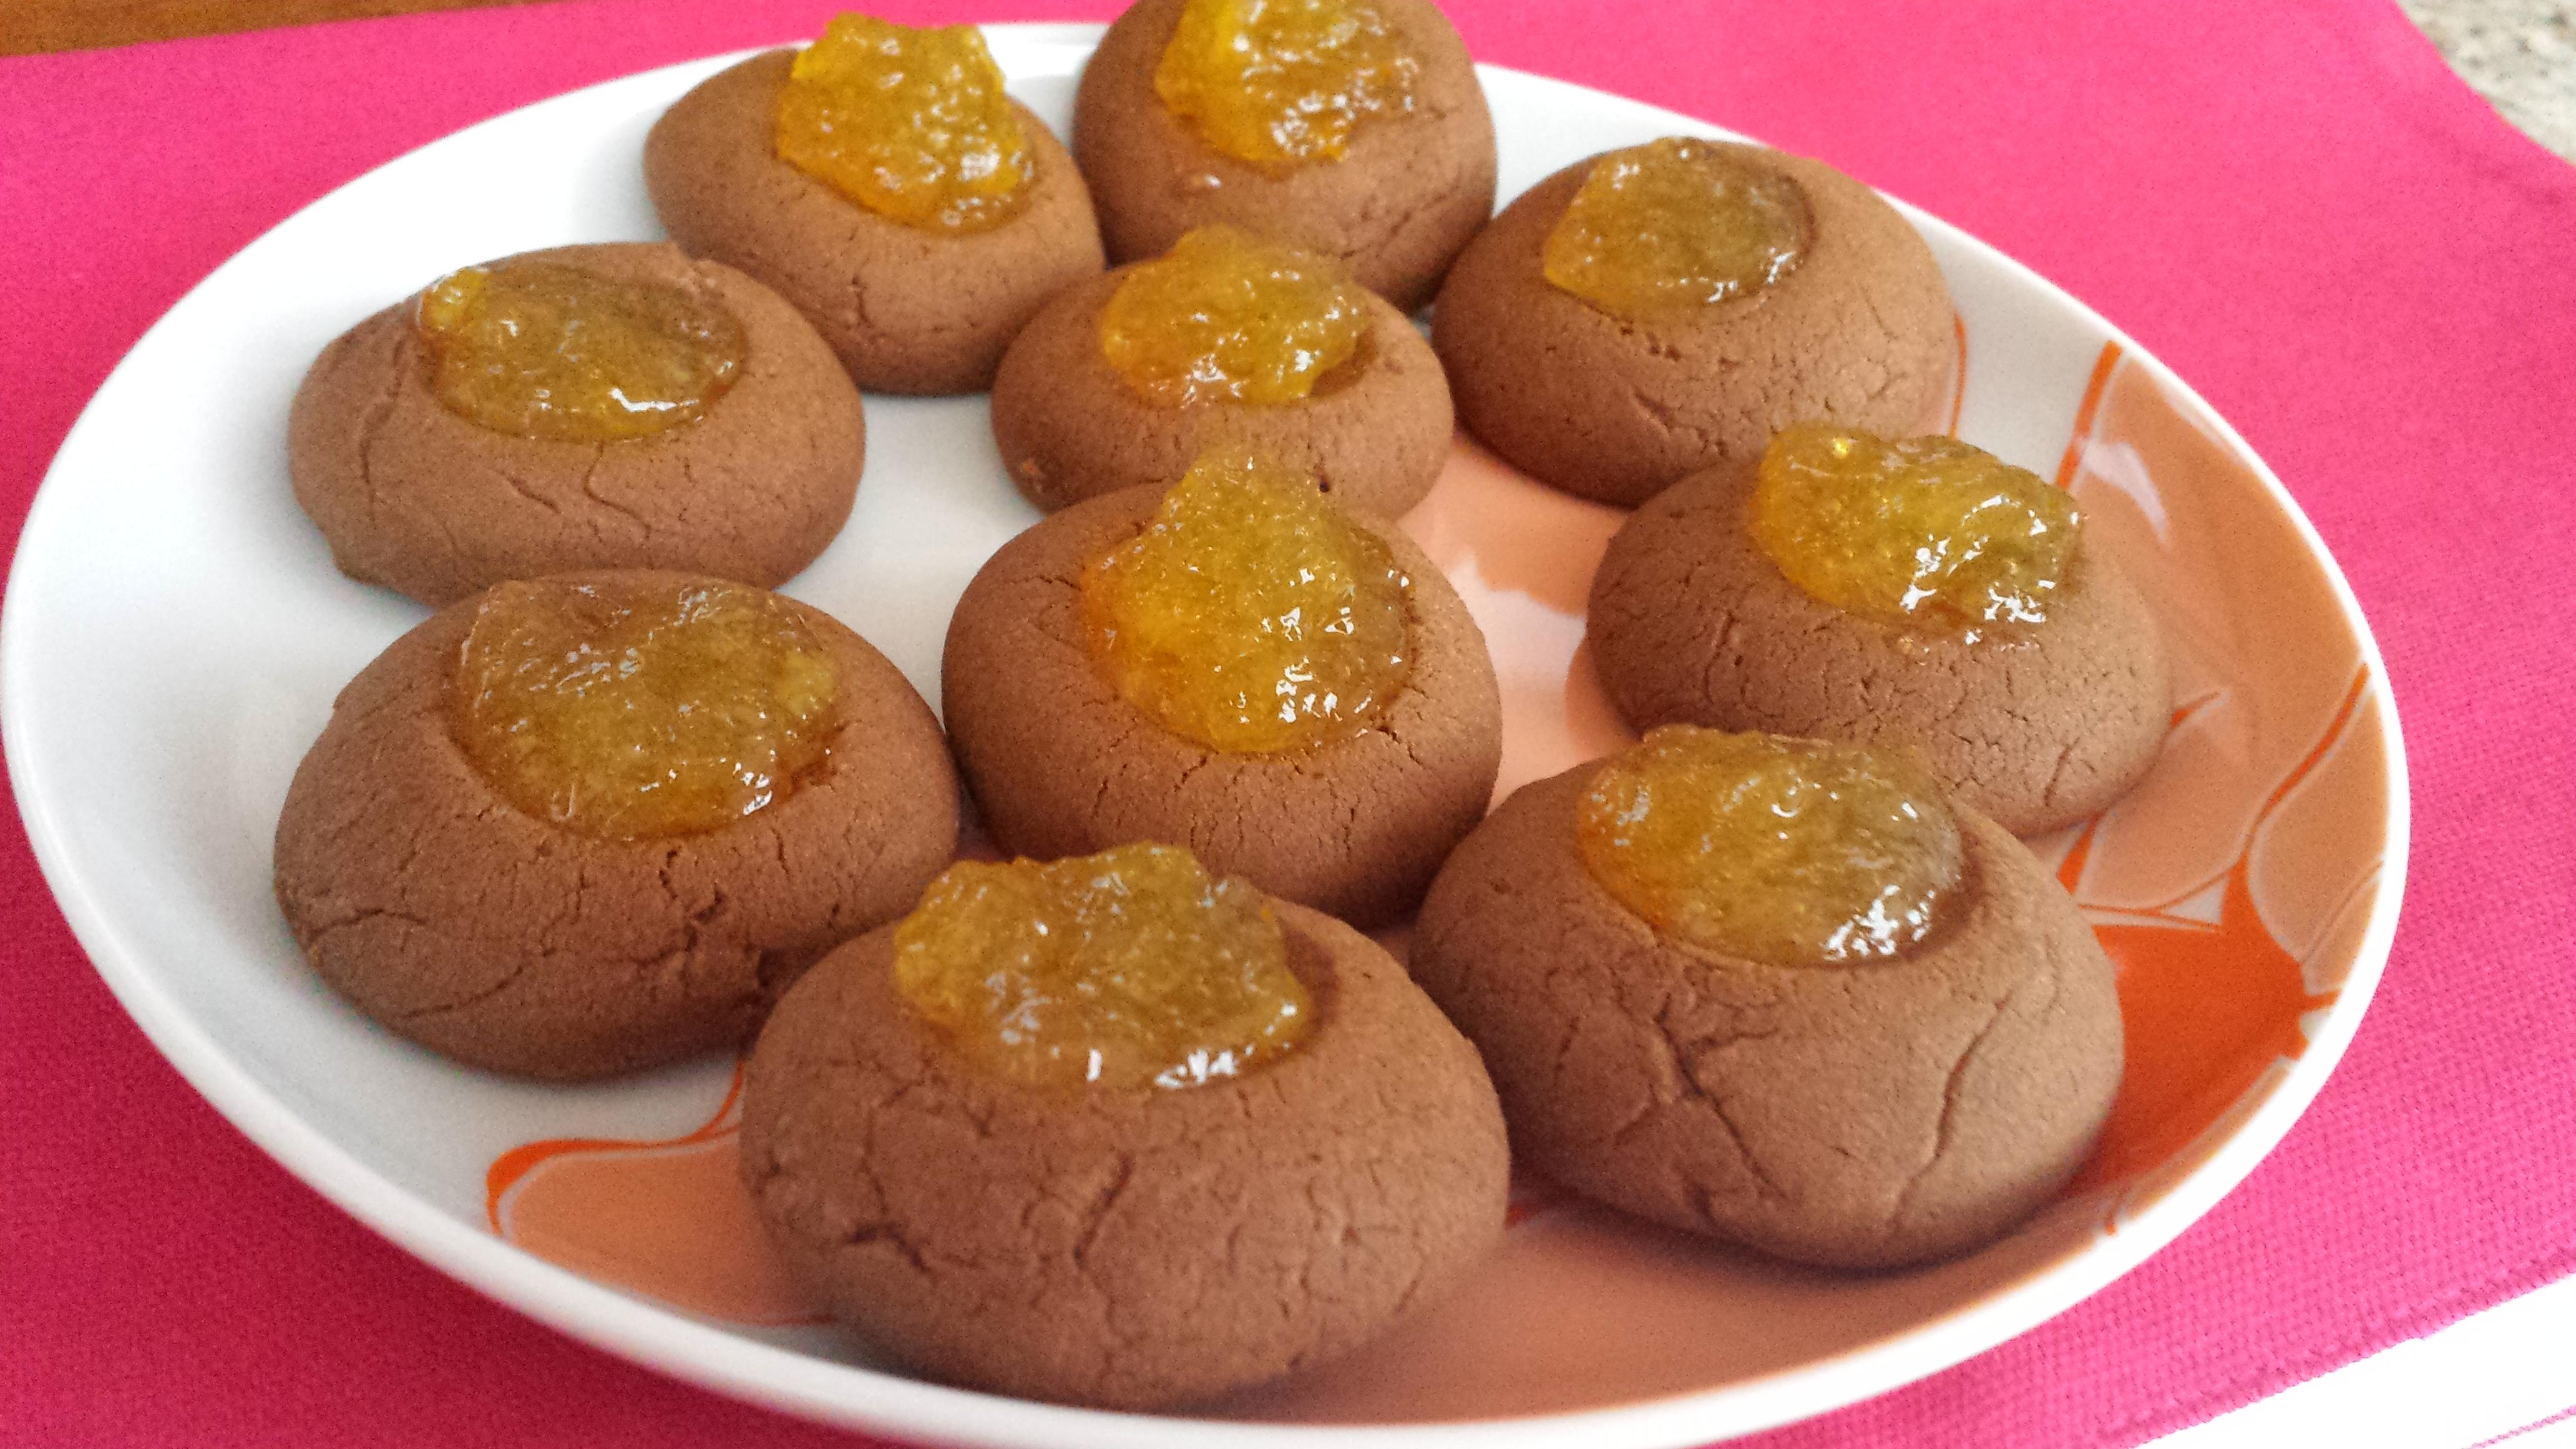 Nutellotti con marmellata di arance cosa cucino per cena - Cosa cucino oggi a cena ...